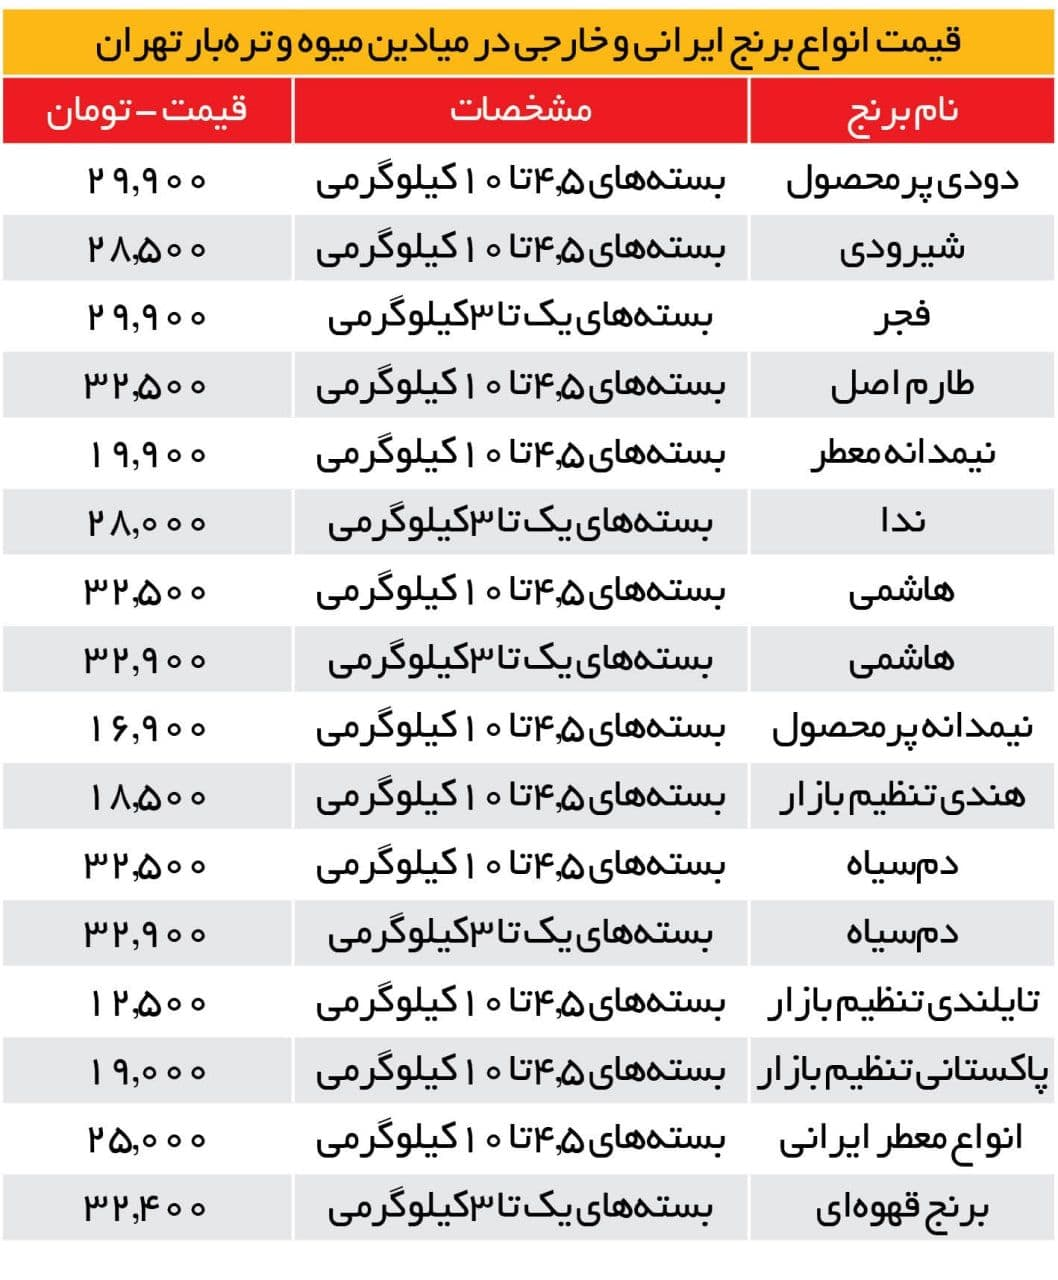 قیمت جدید برنج در میادین اعلام شد/ ایرانی ۳۲.۵۰۰؛ خارجی ۱۹هزار تومان